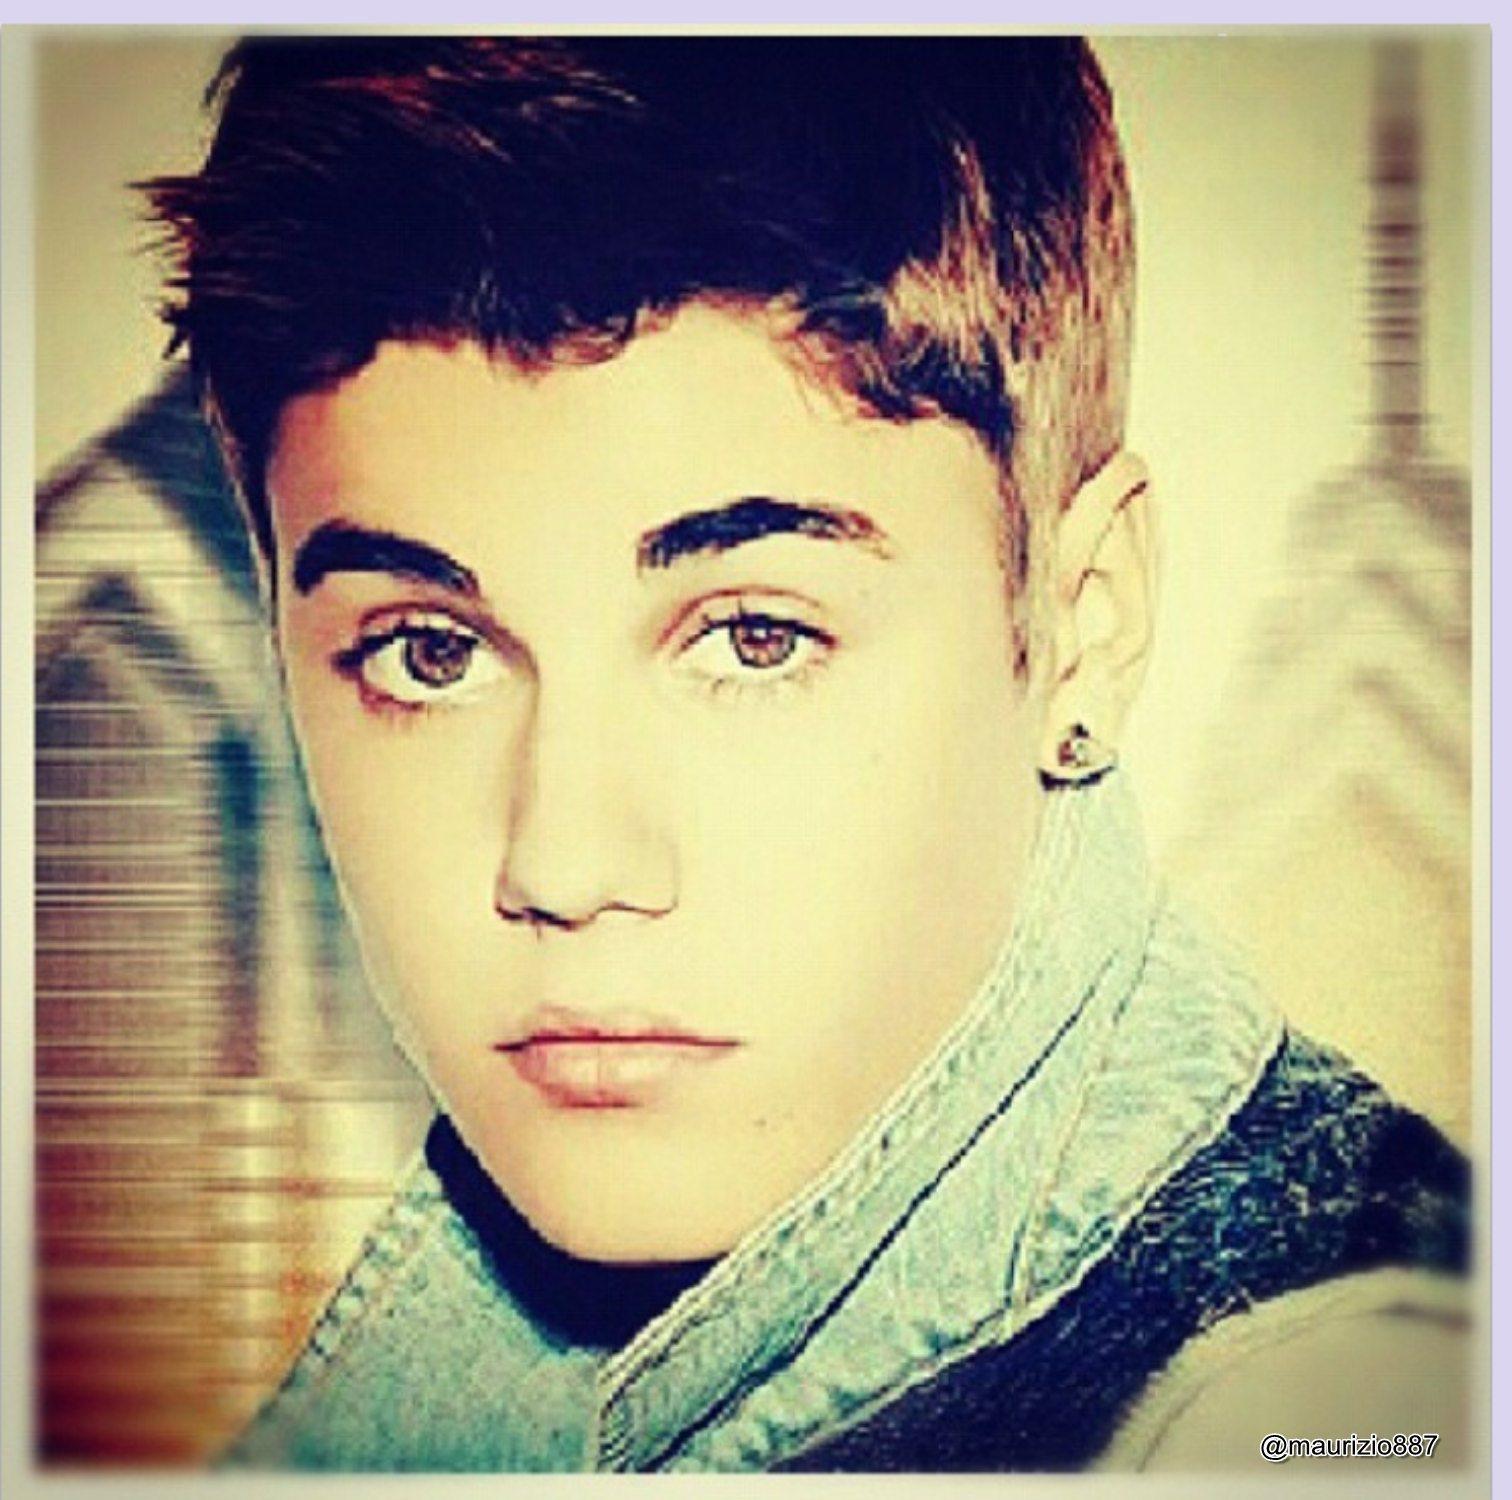 Justin Bieber images justin bieber,instagram, 2012 HD ...